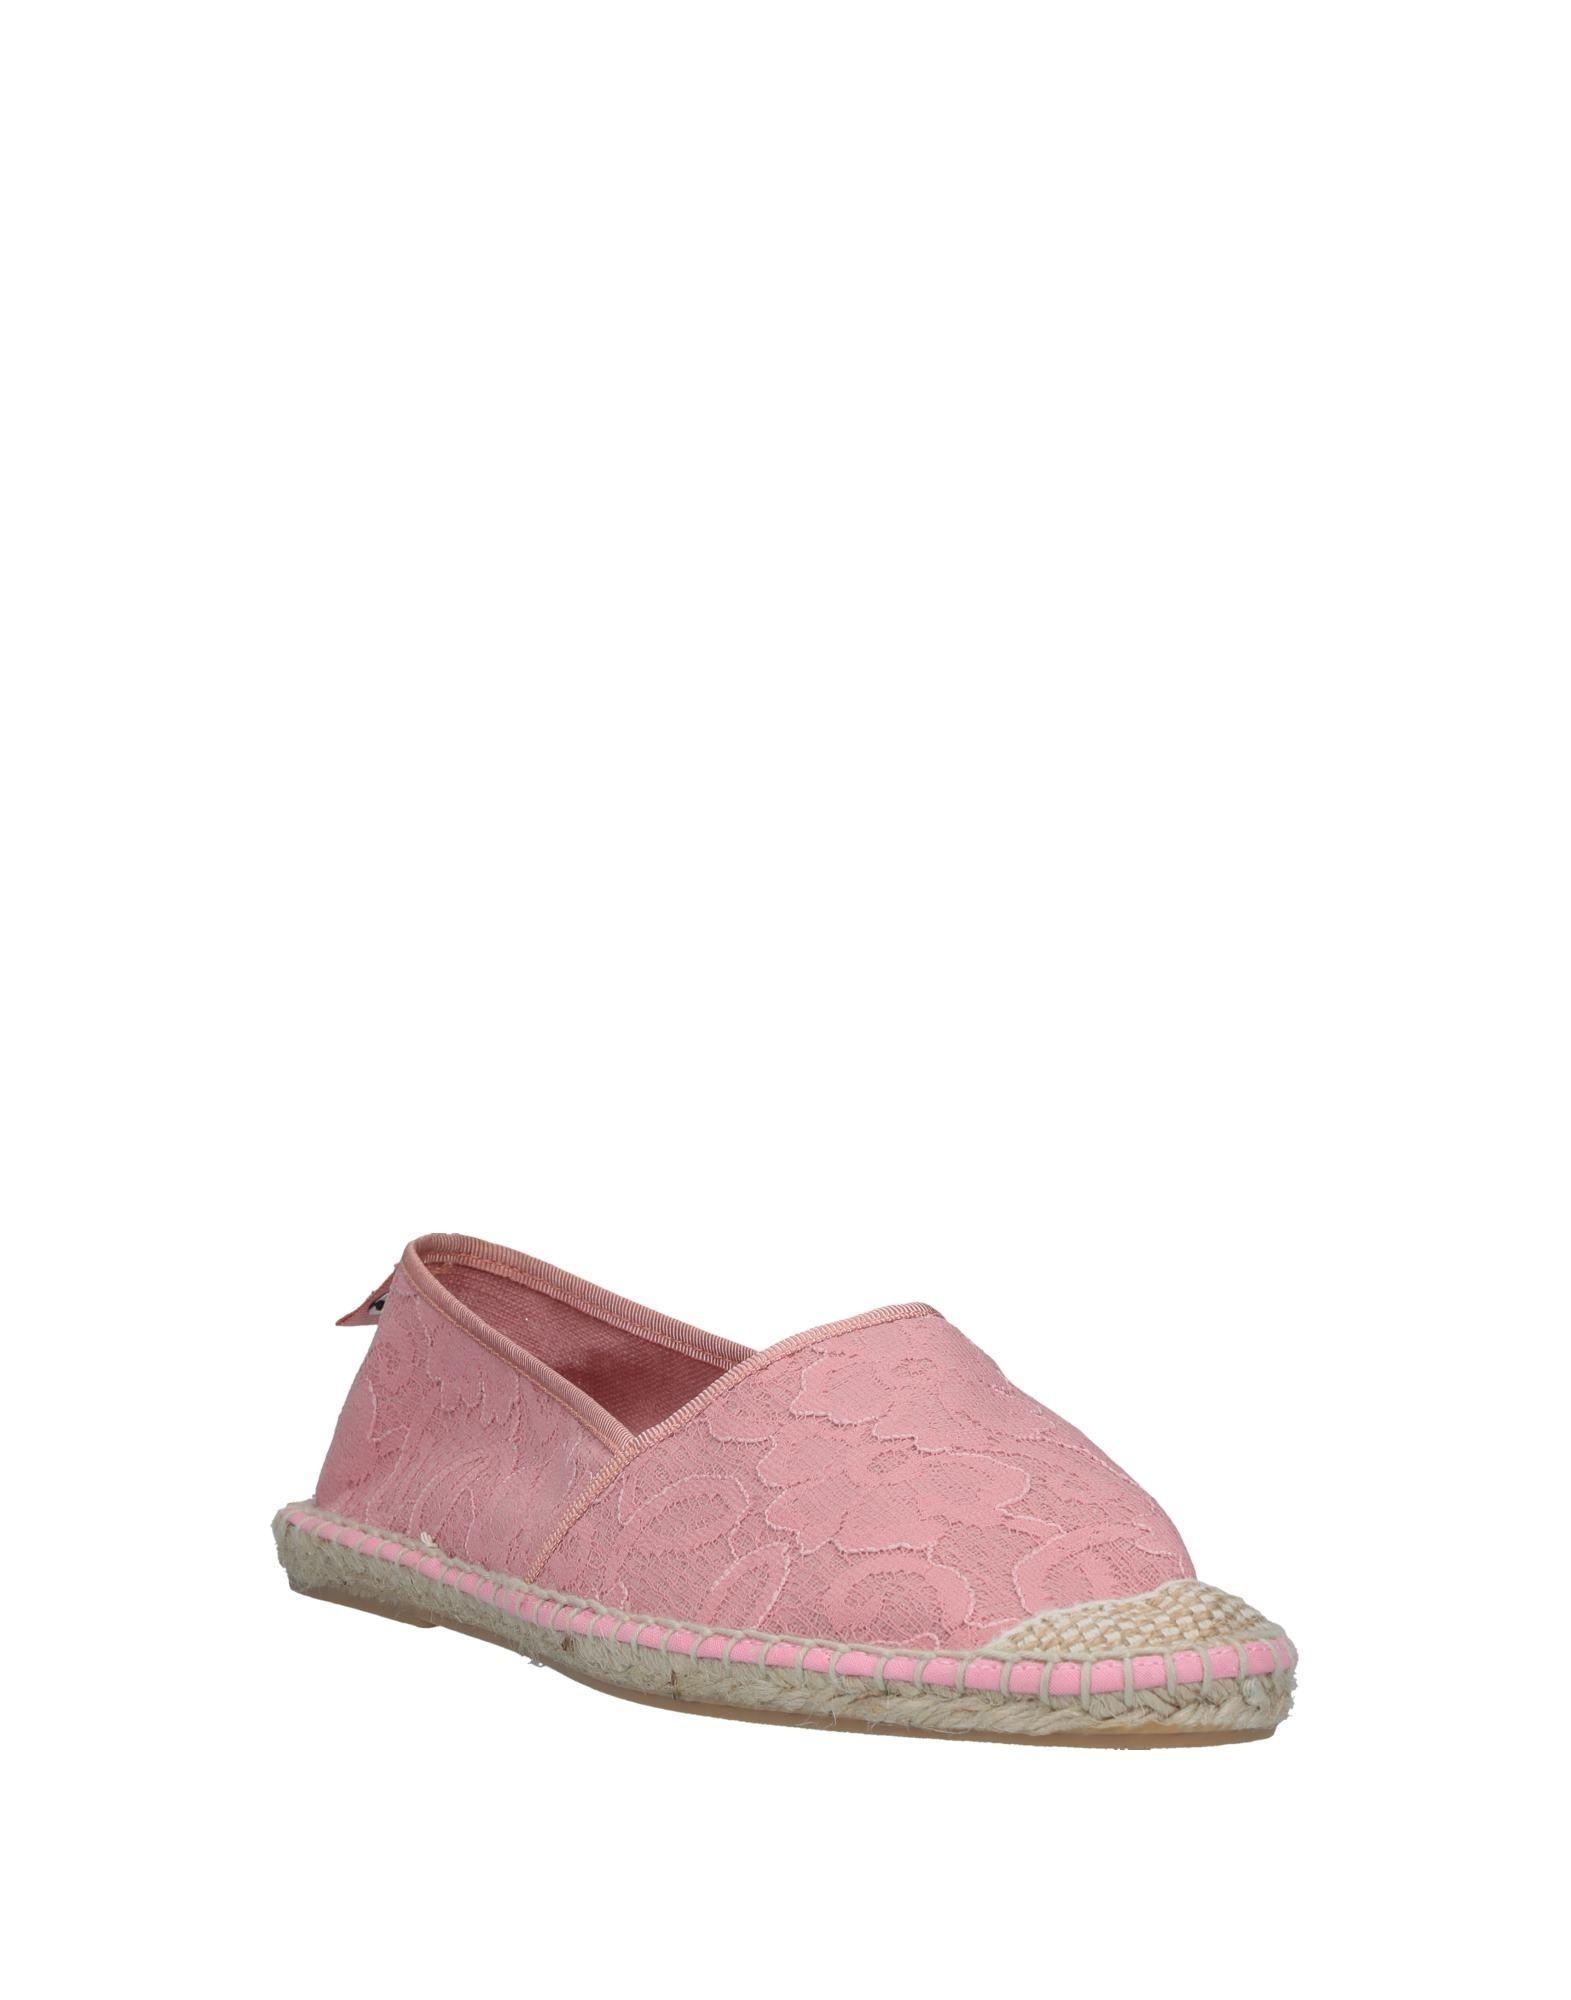 Guess Espadrilles Damen  11527708CQ Schuhe Gute Qualität beliebte Schuhe 11527708CQ 2ce6dd